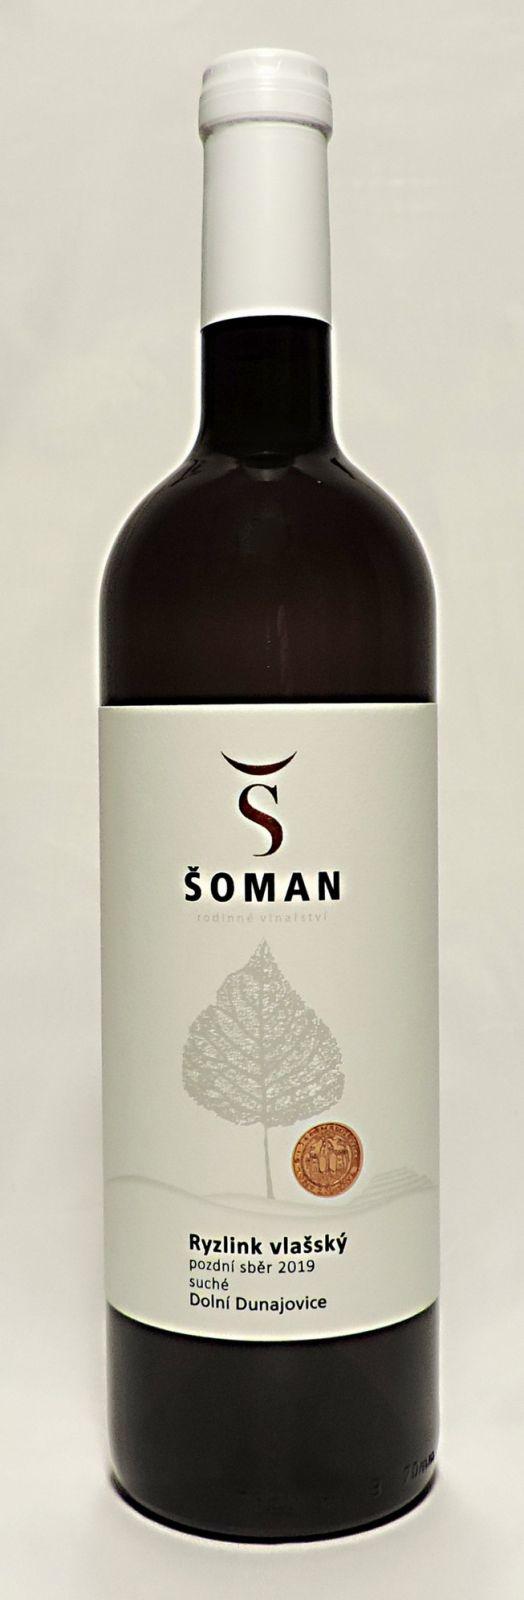 Ryzlink vlašský 2019, pozdní sběr, suché, 0,75 l - vinařství Šoman